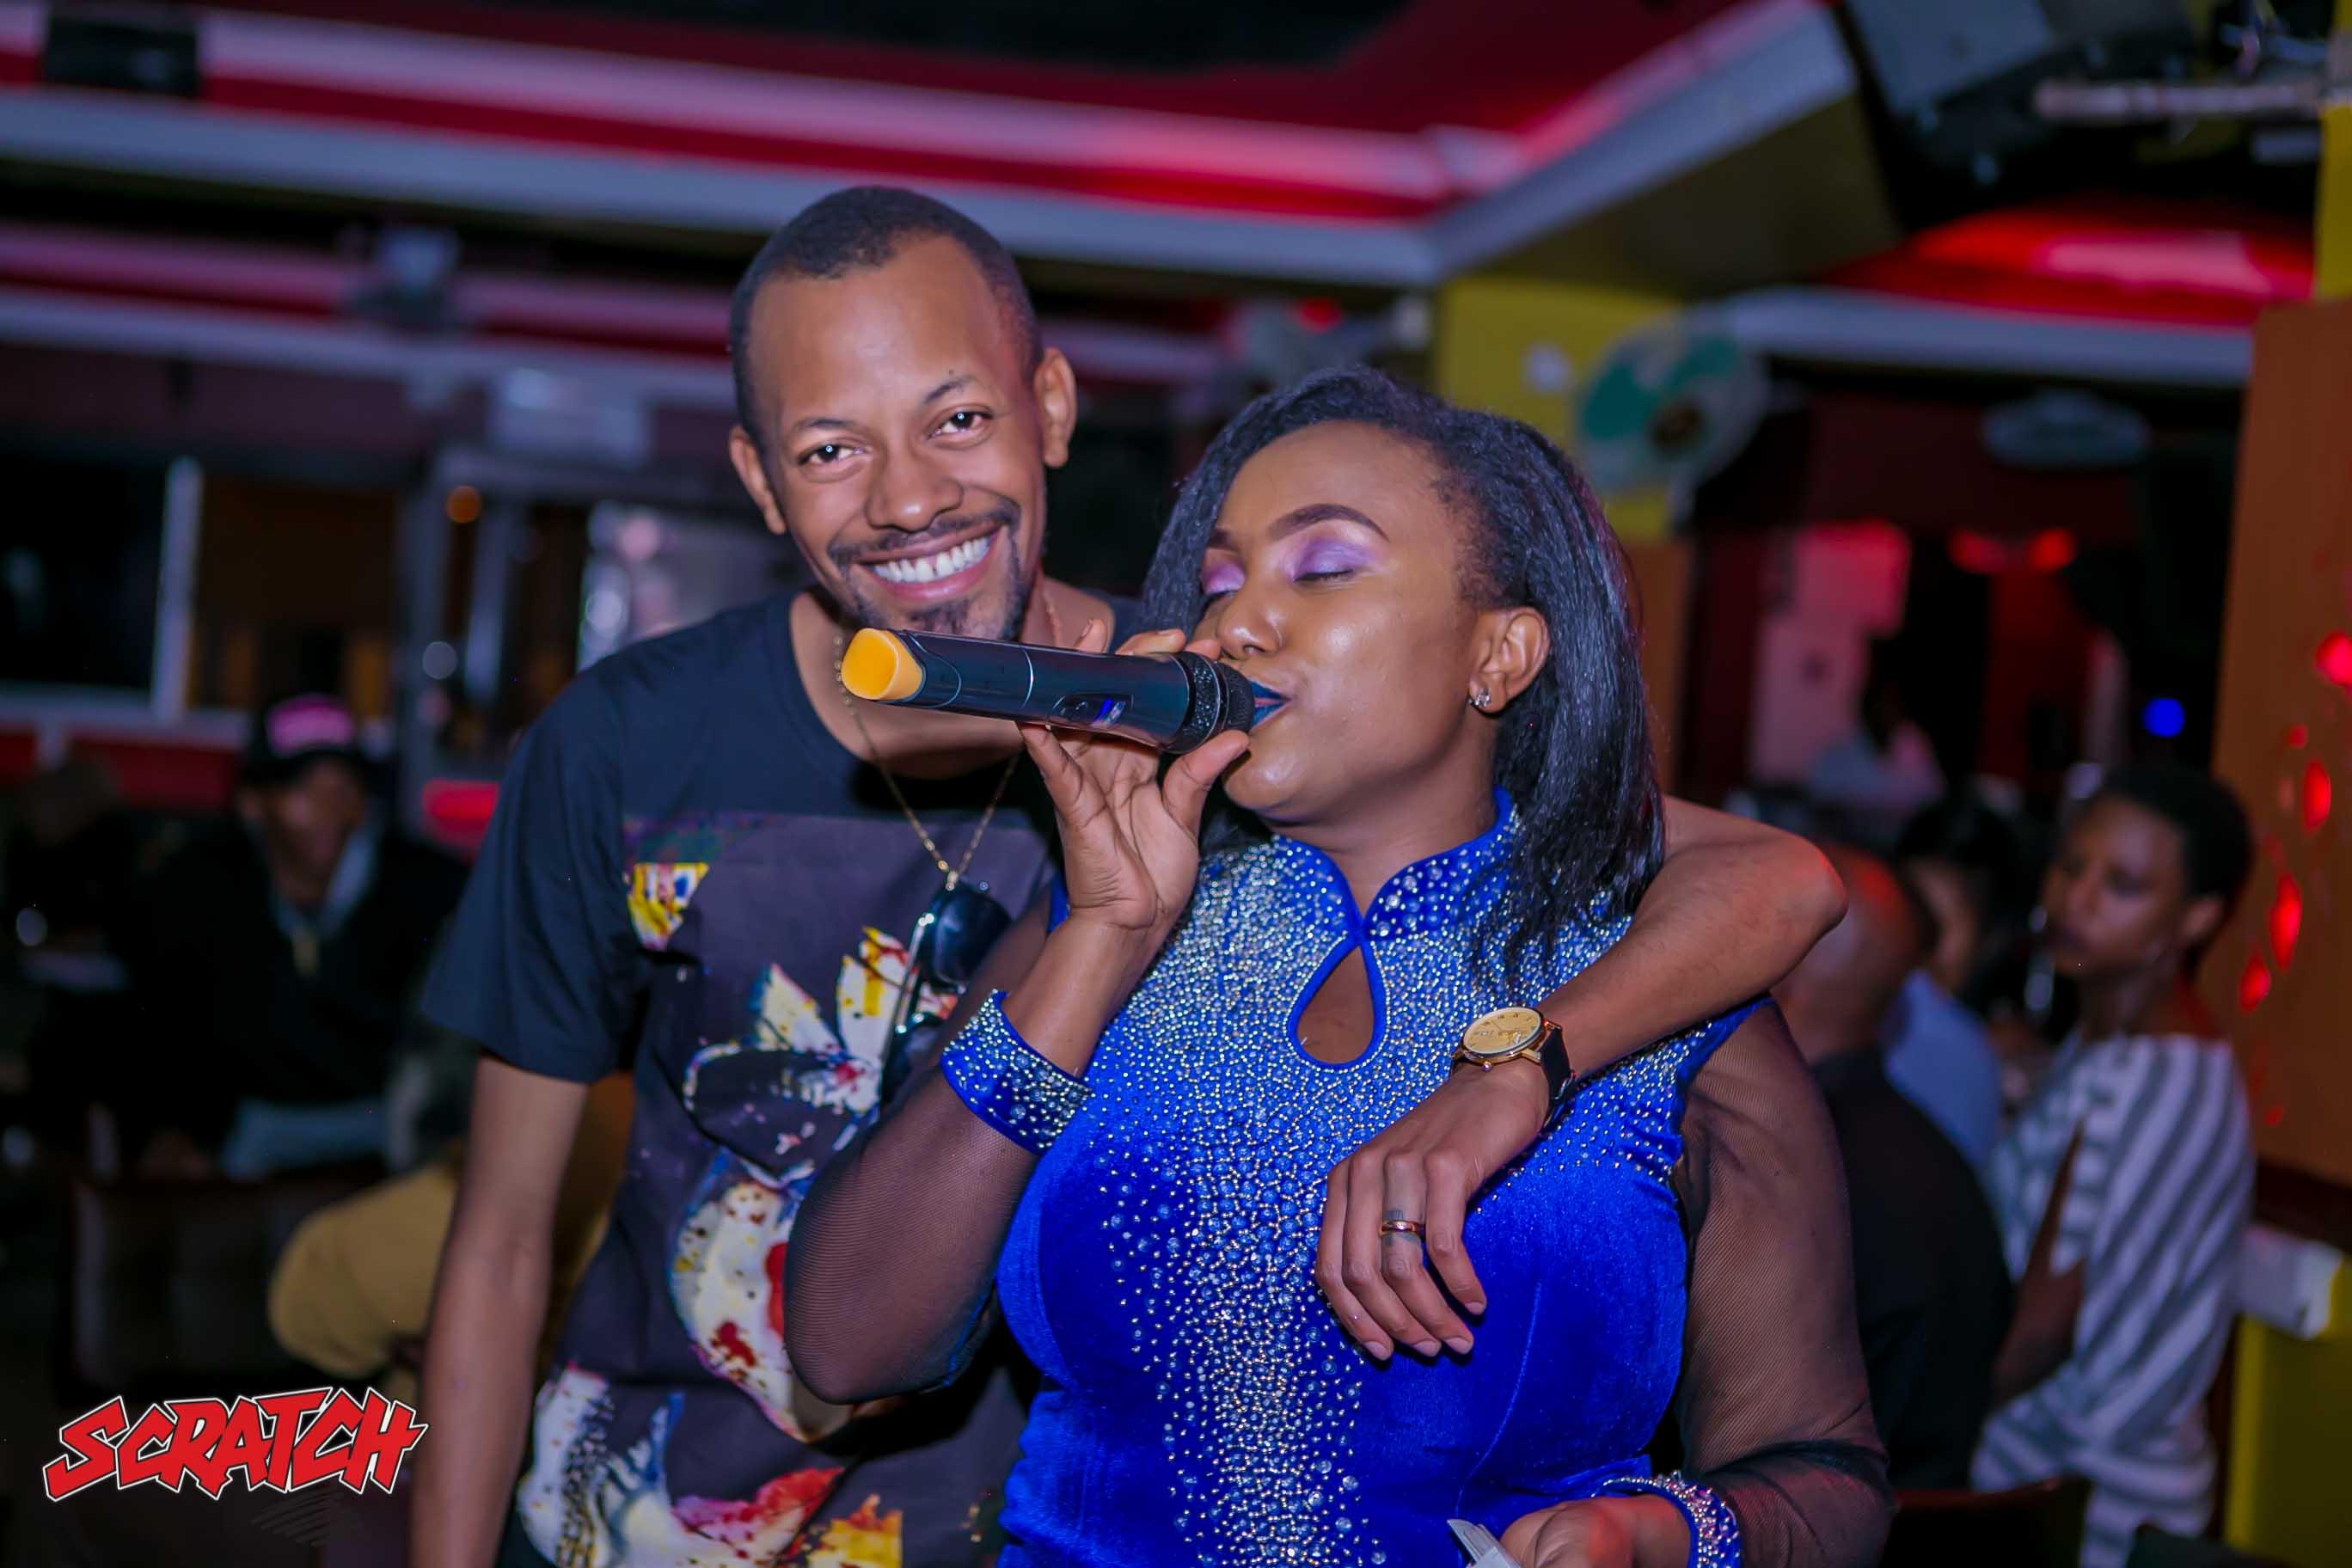 Night club photographer in Nairobi